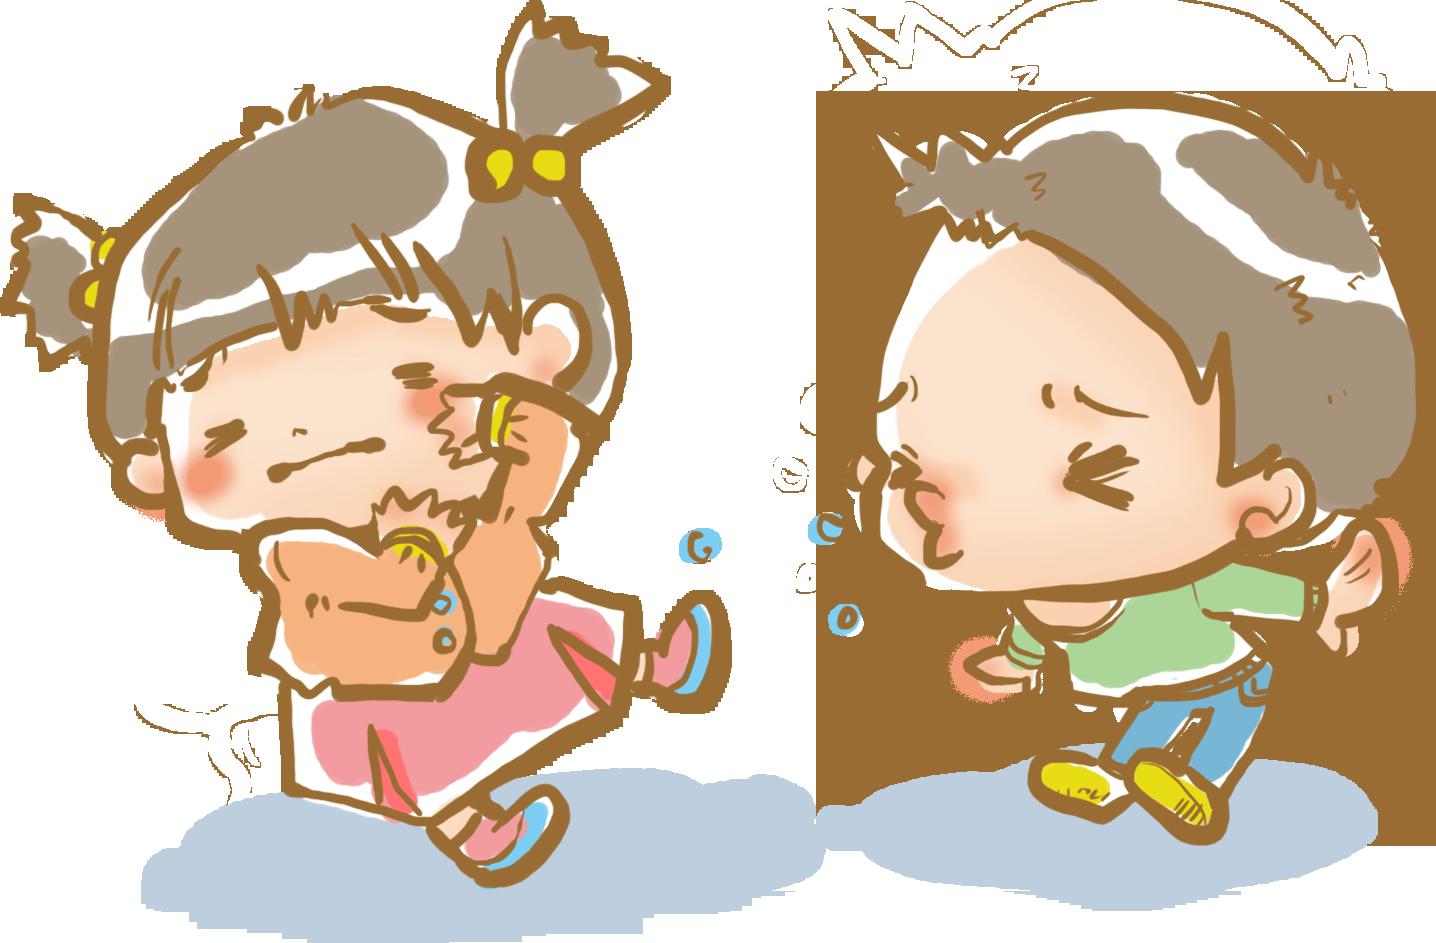 幼児期の喘息発作にジスロマックが効果があるかもしれない